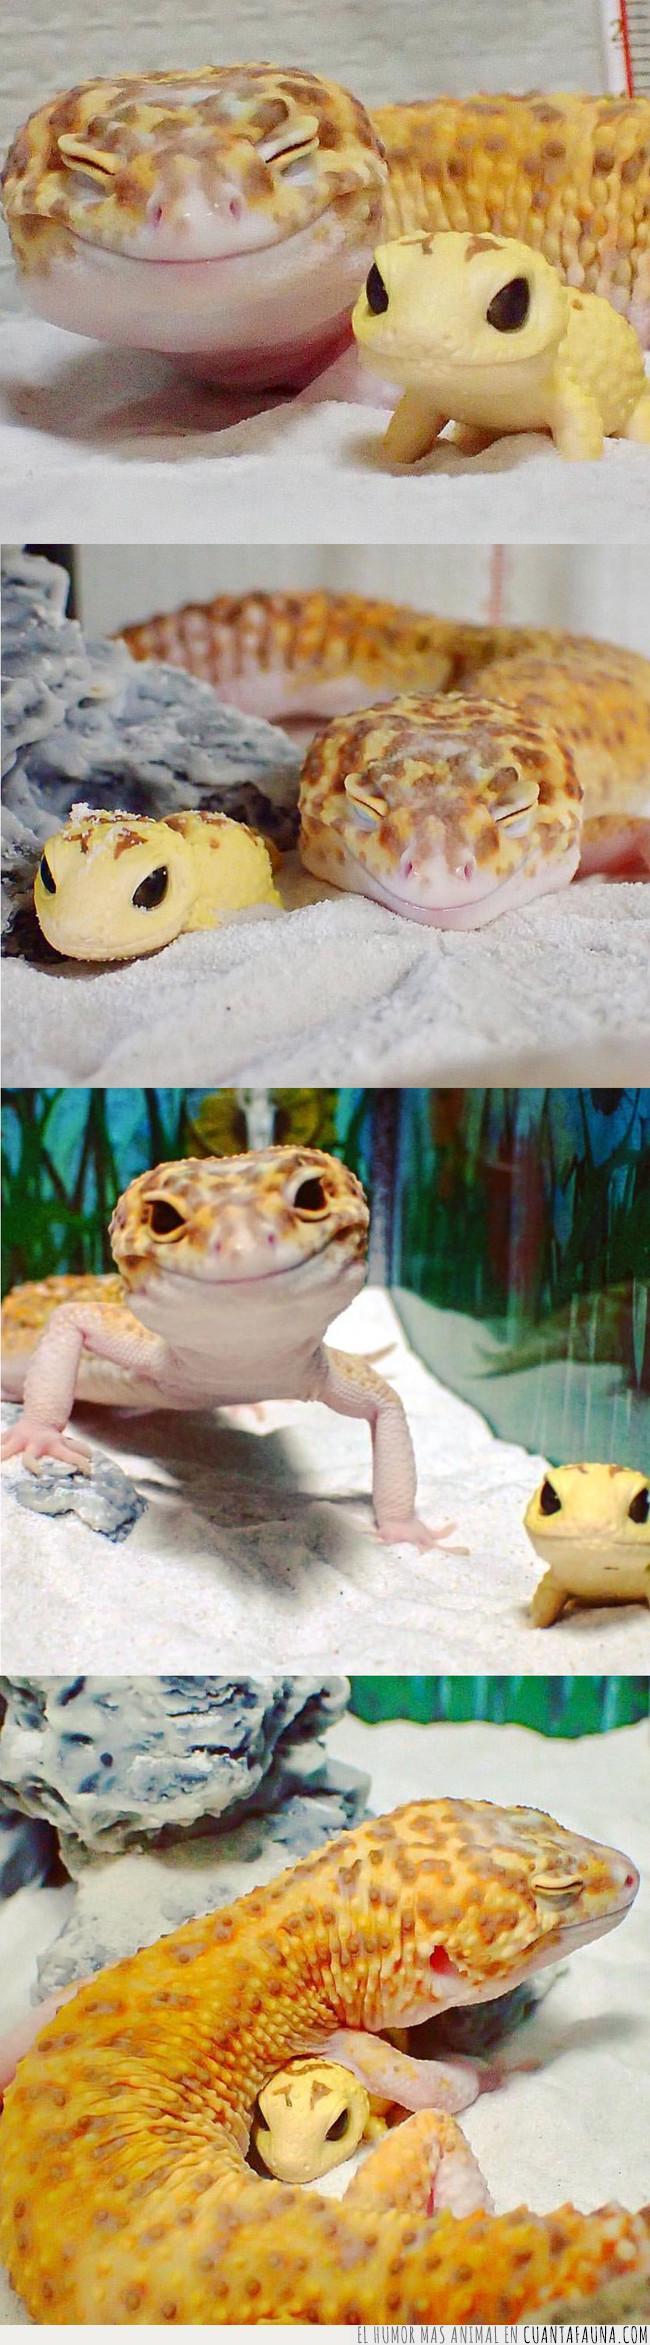 famoso,feliz,fotos,gecko,imágenes,muñeco,reptil,sonriente